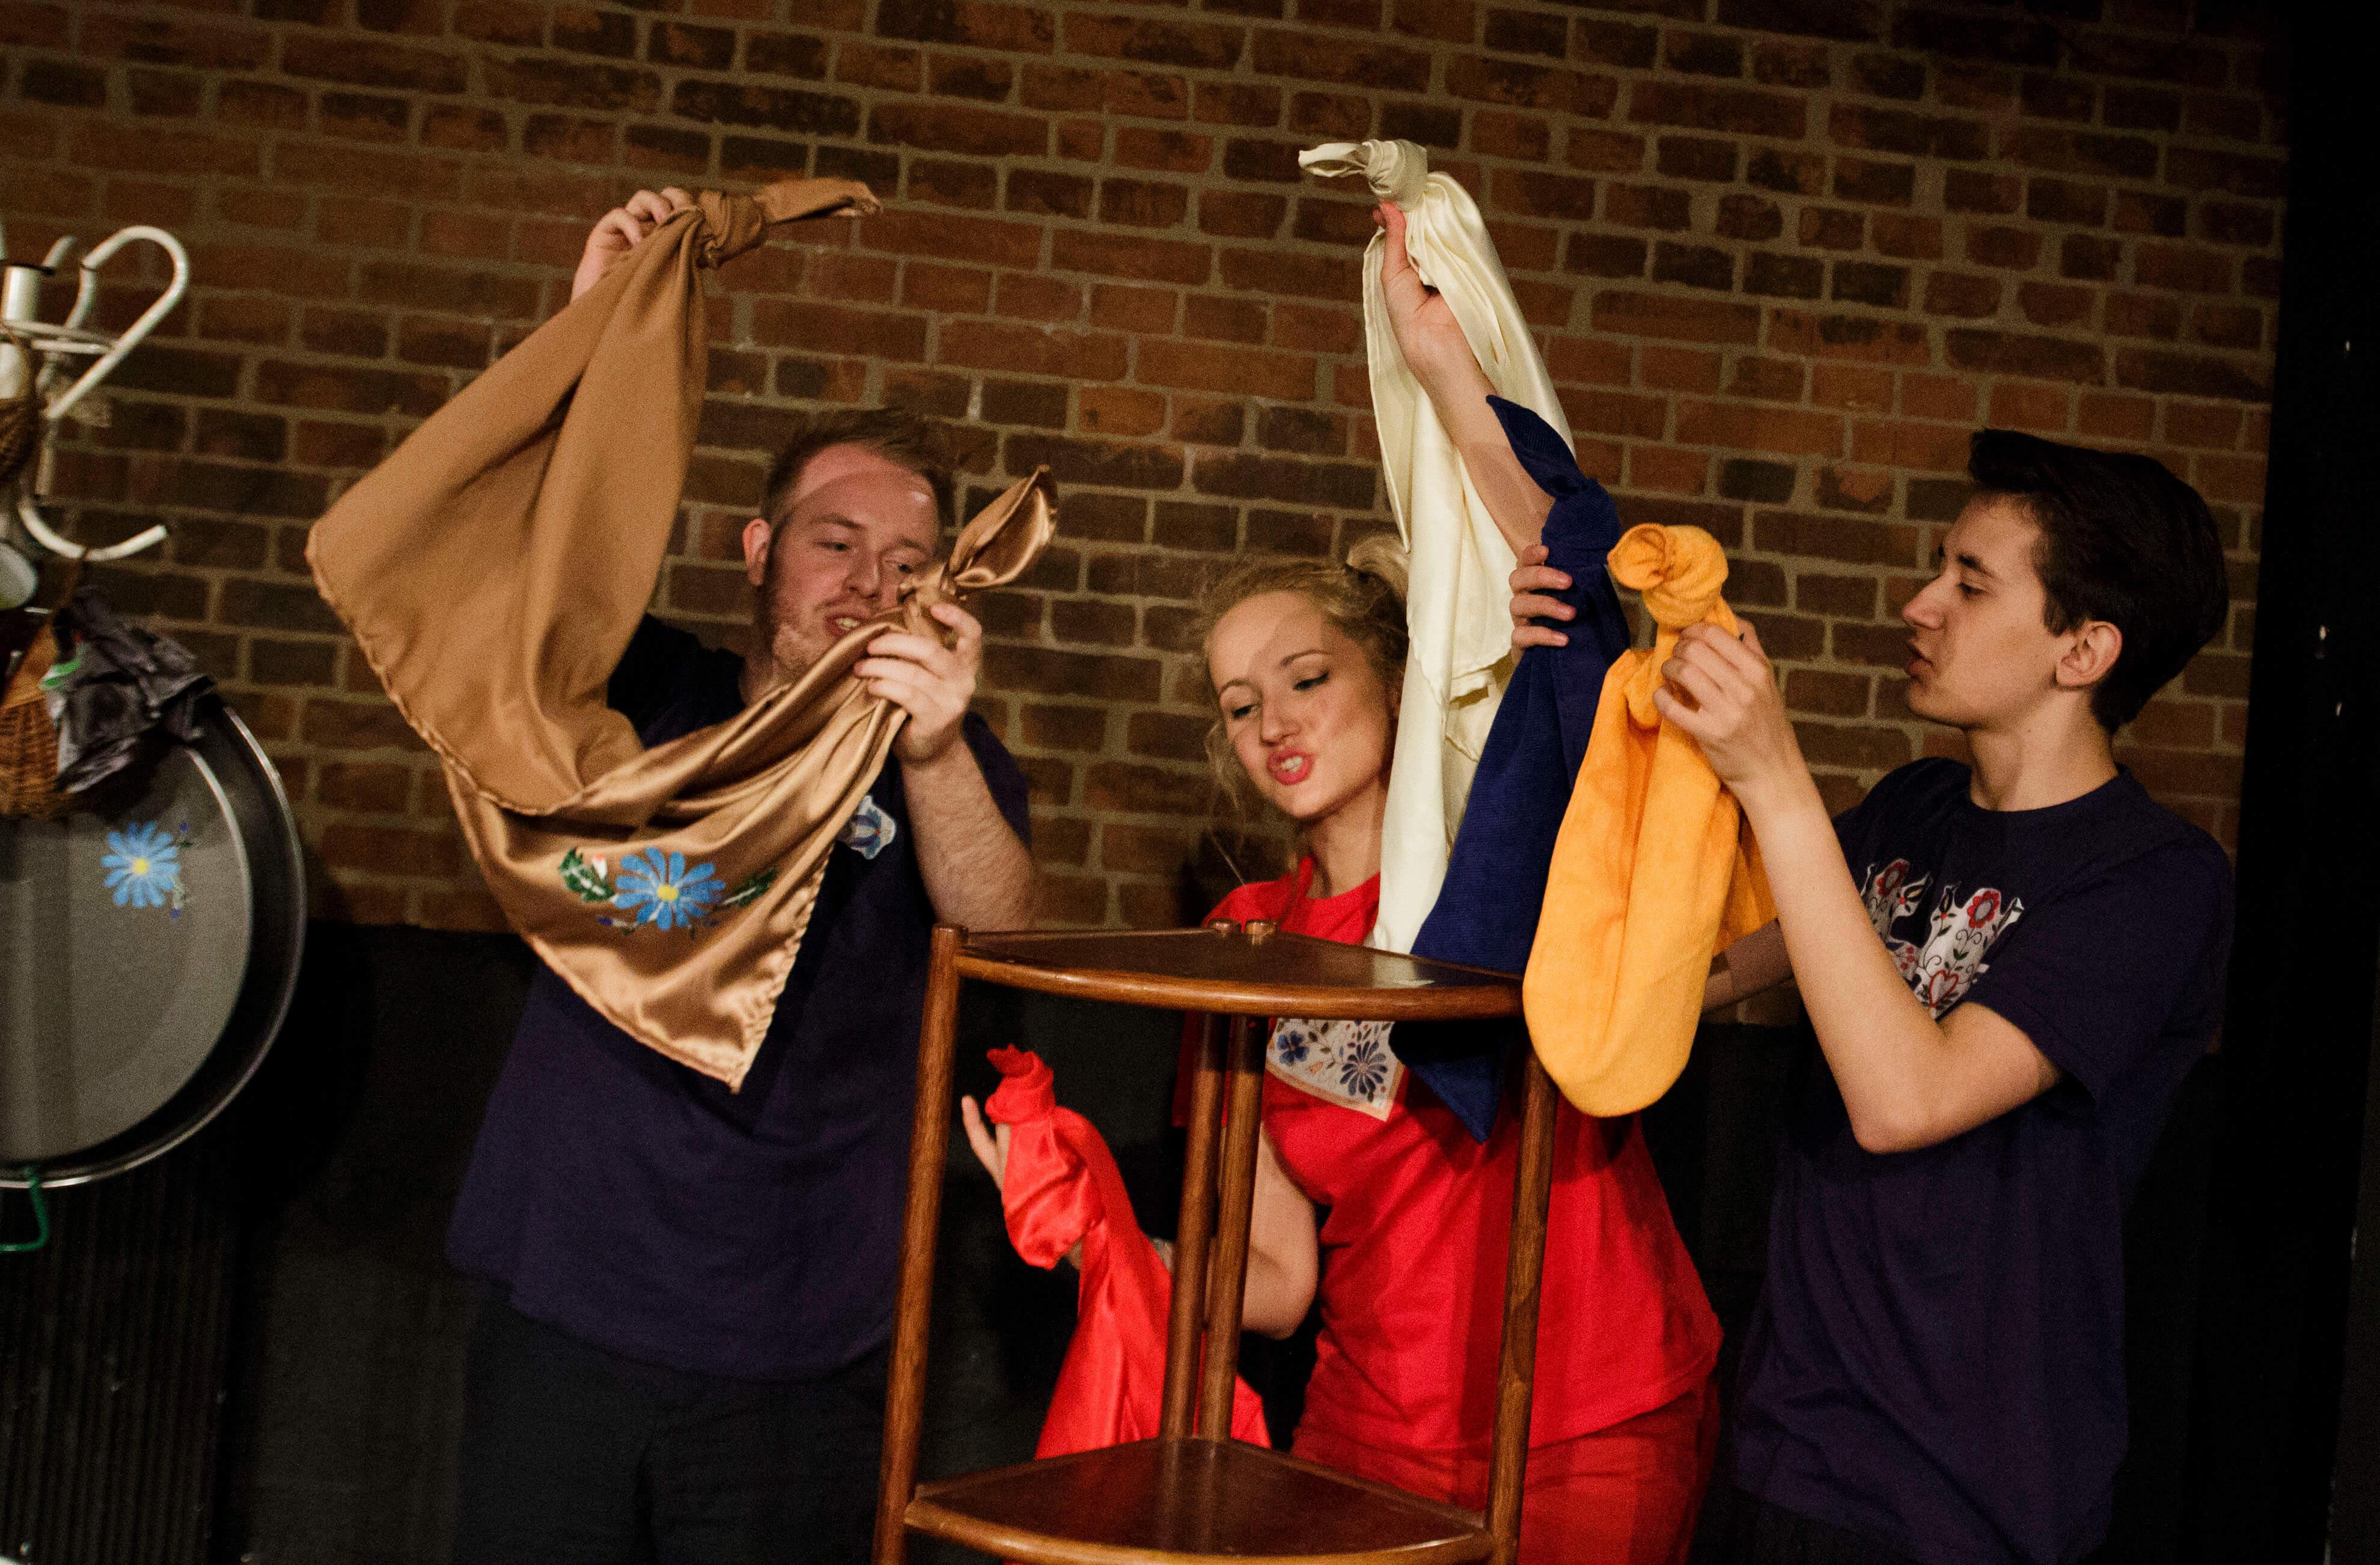 Zdjęcie ze spektaklu Tymoteusz Rym Cim Cim. Trójka aktorów trzyma w rekach kolorowe szmatki imitujace ptaki.